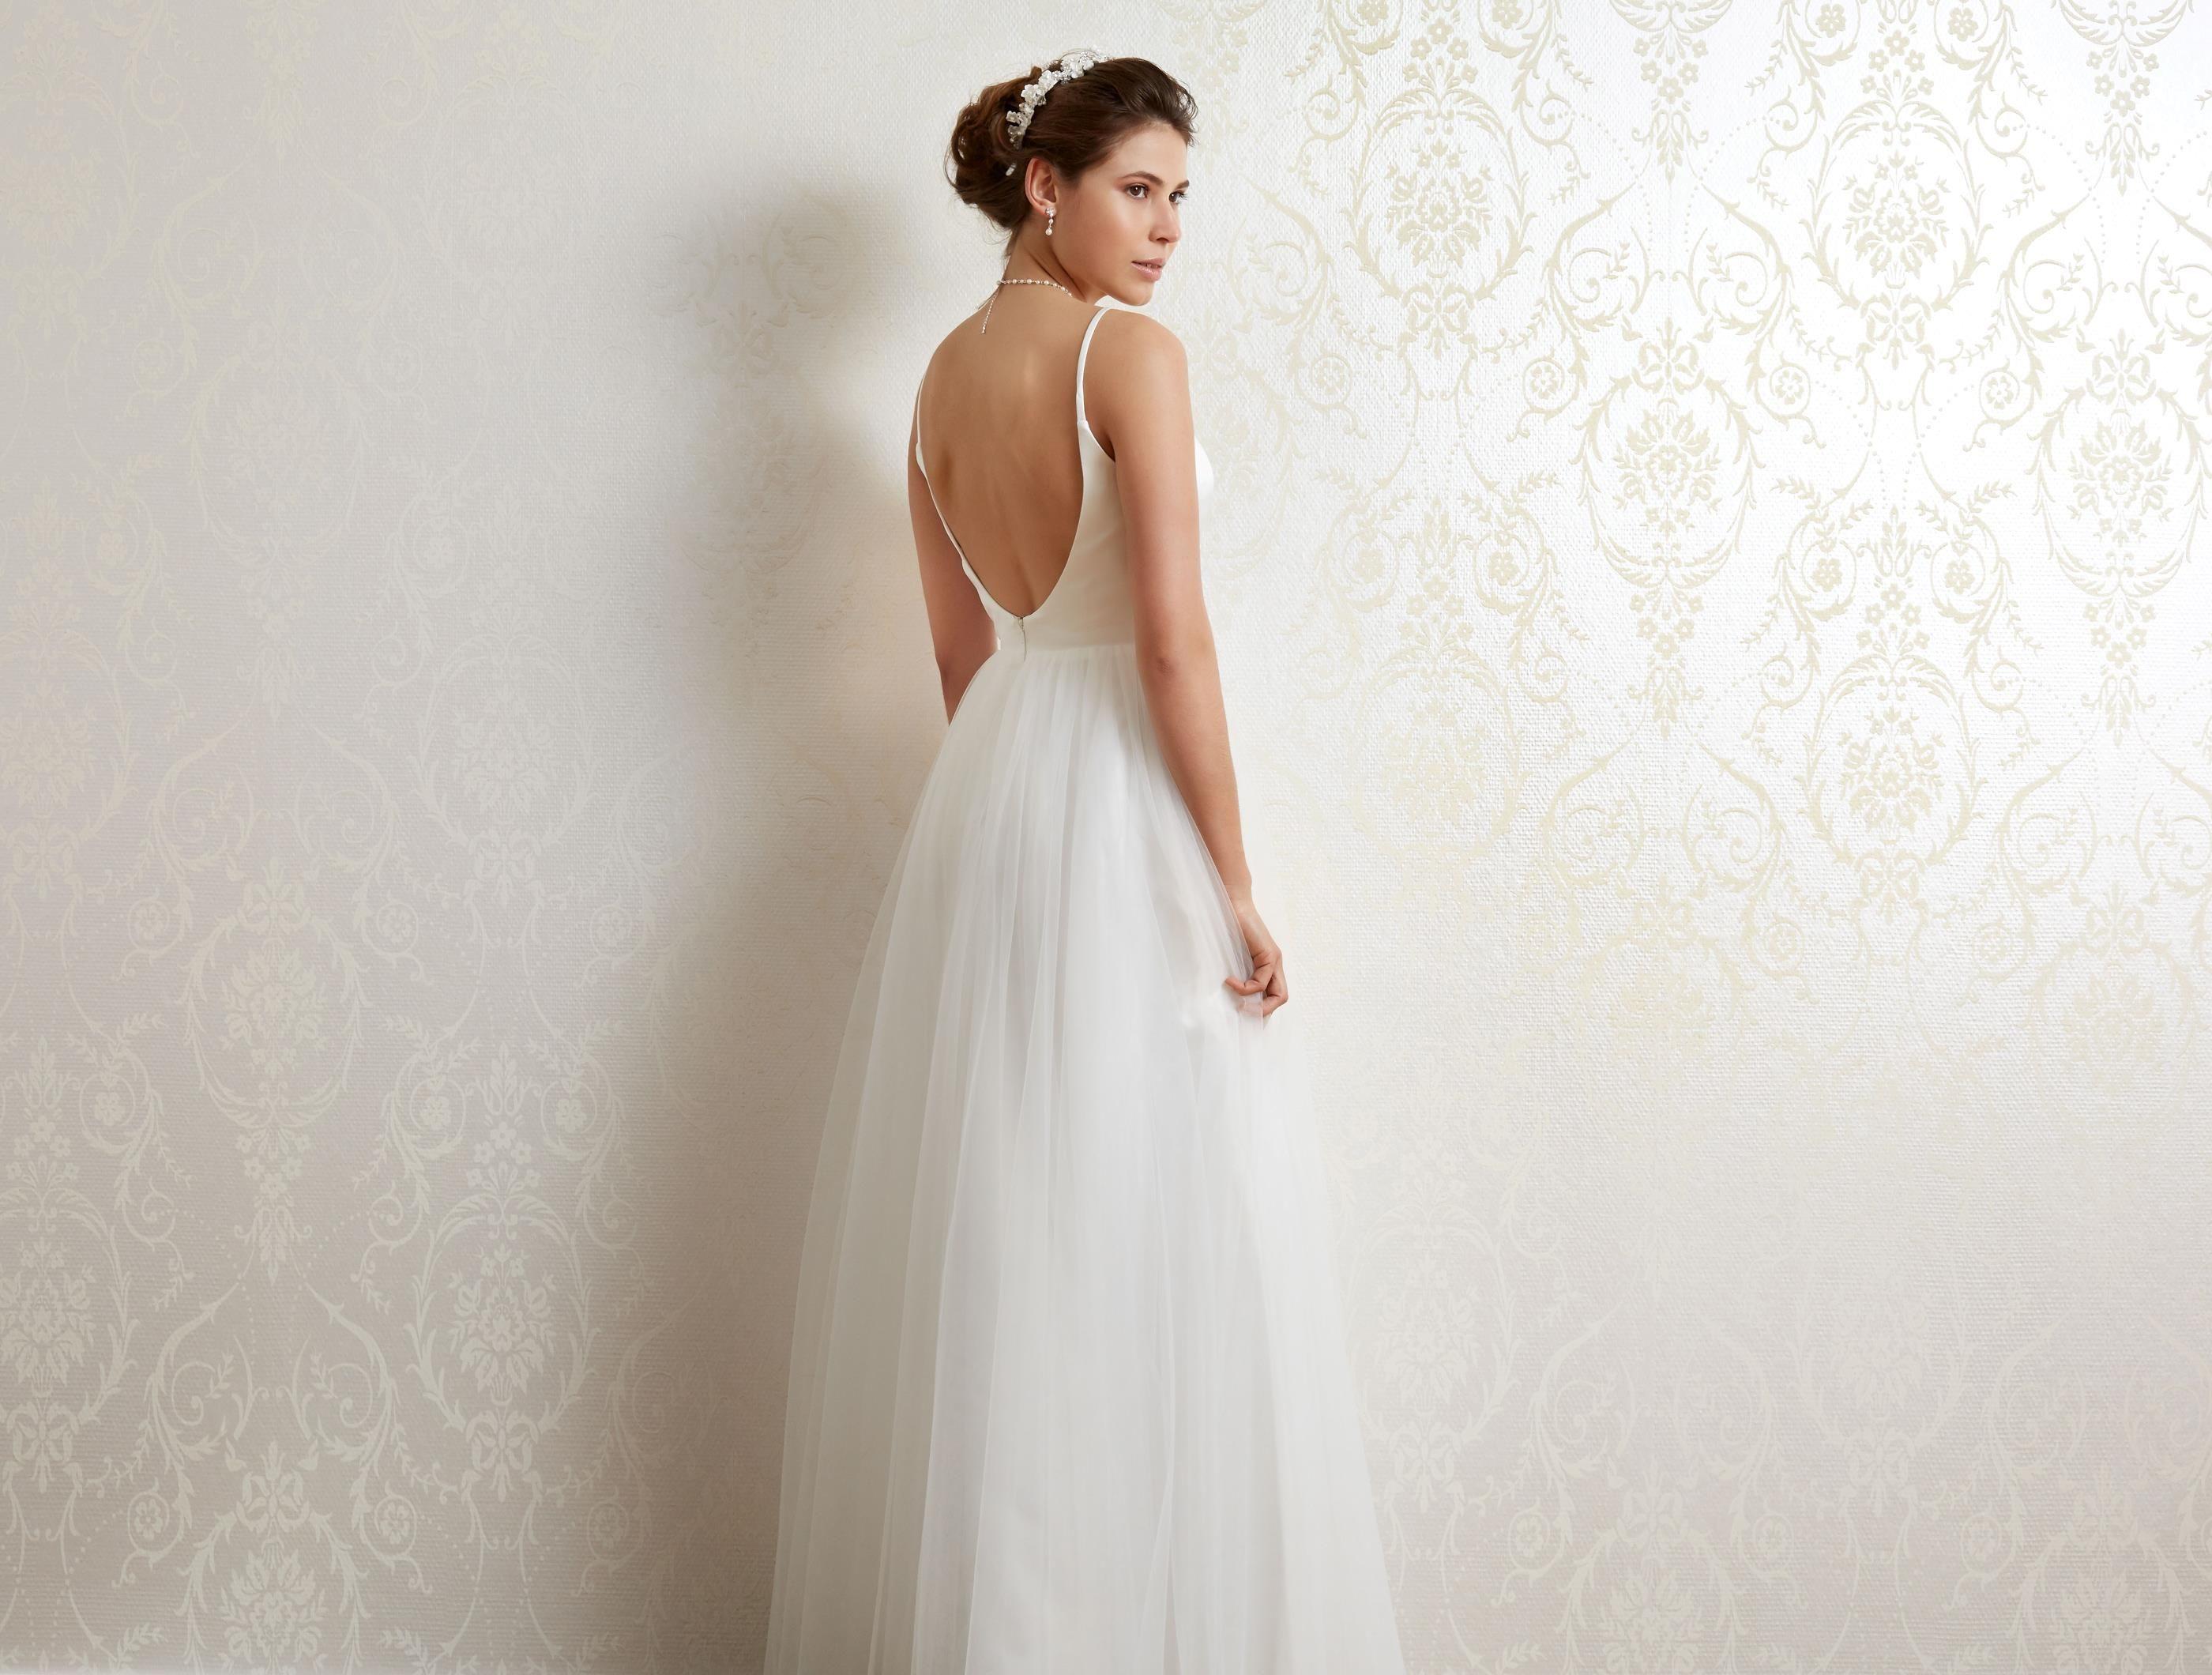 Ausgezeichnet Consign Brautkleid Galerie - Hochzeit Kleid Stile ...